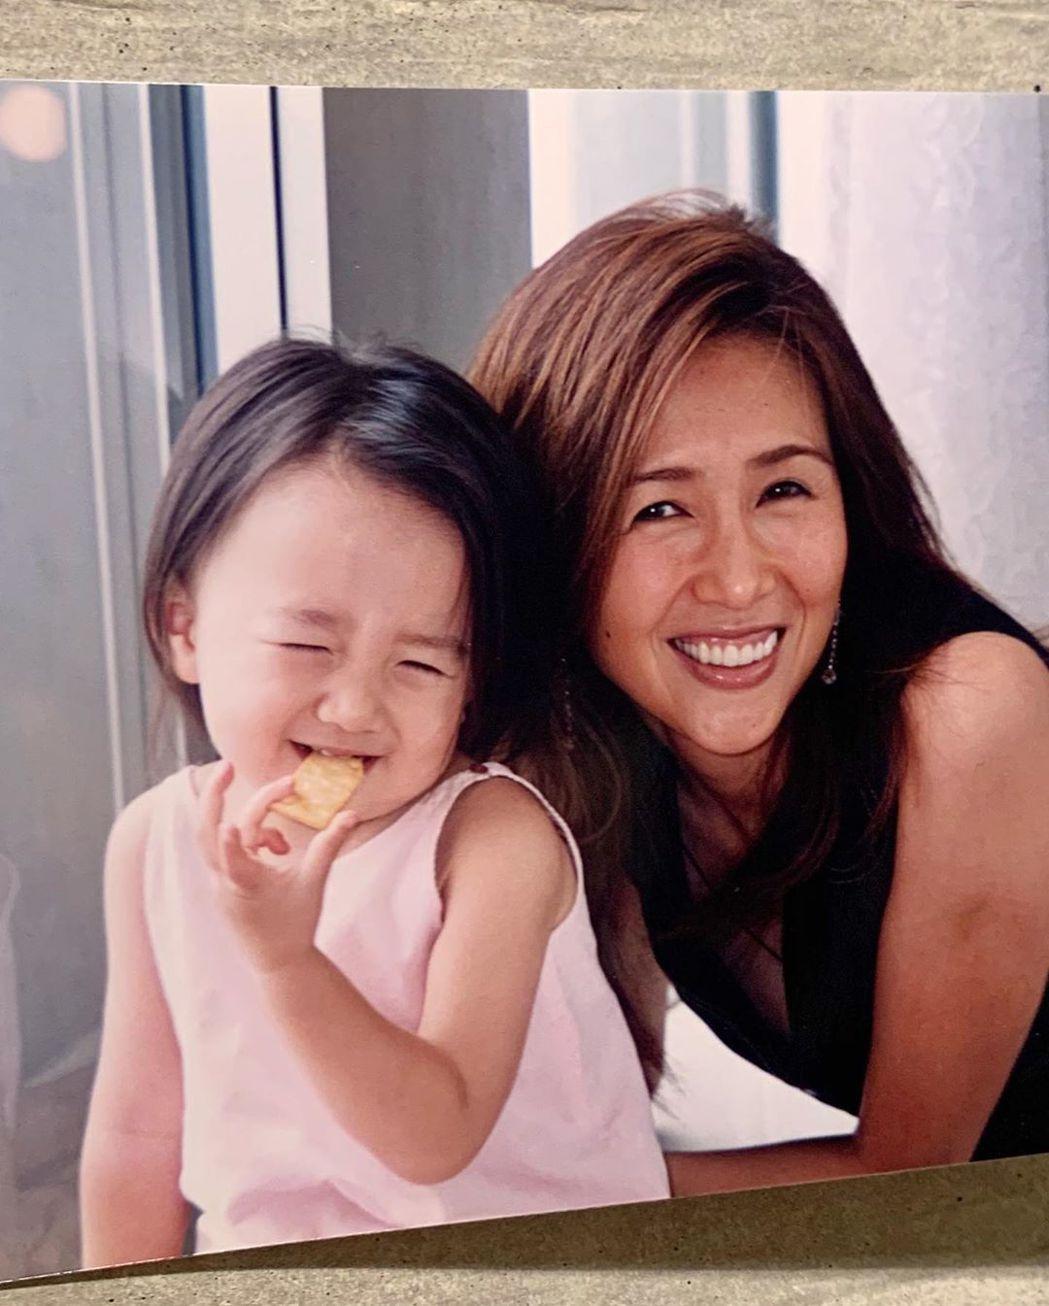 木村心美小時候與媽媽工藤靜香的合照。 圖/擷自木村心美IG